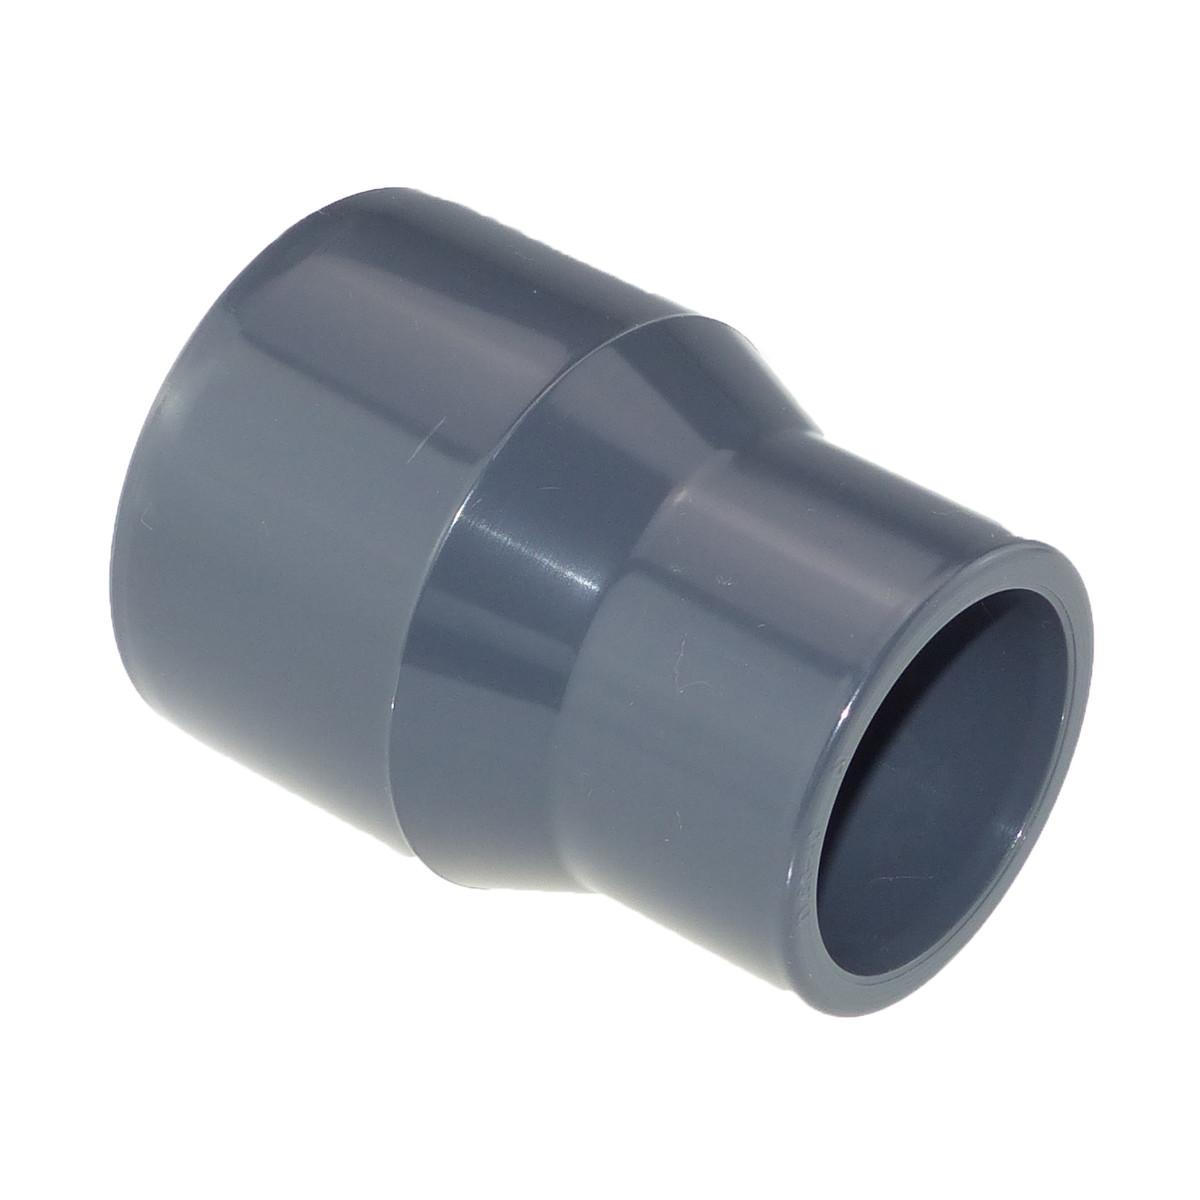 Cepex/Plimat/CH PVC Muffe reduziert 63 / 50 x 20 mm